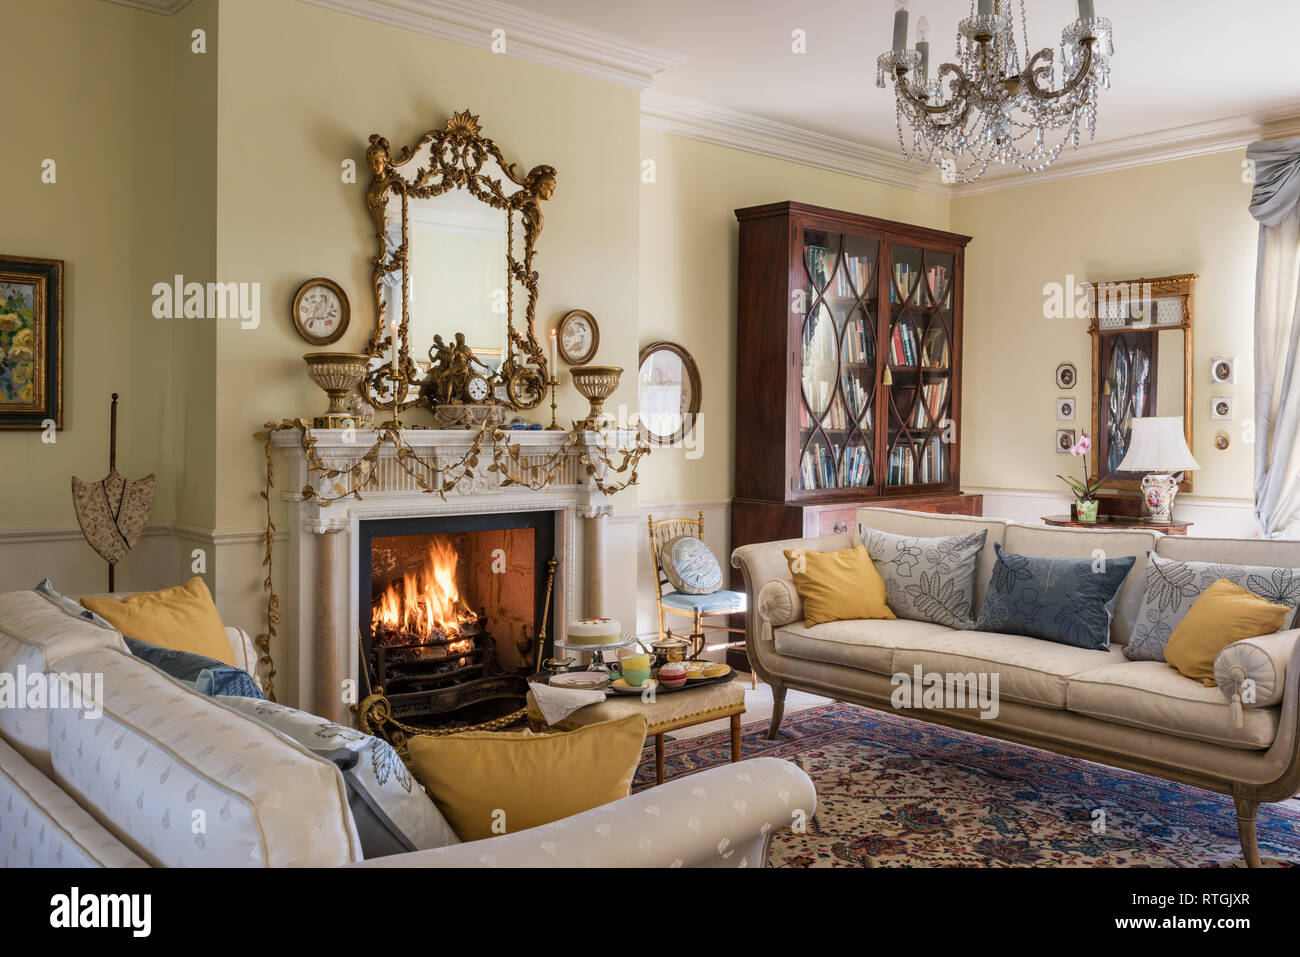 Alfombras orientales con sofás de estilo regencia y goldleaf garland en inglés chimenea Imagen De Stock